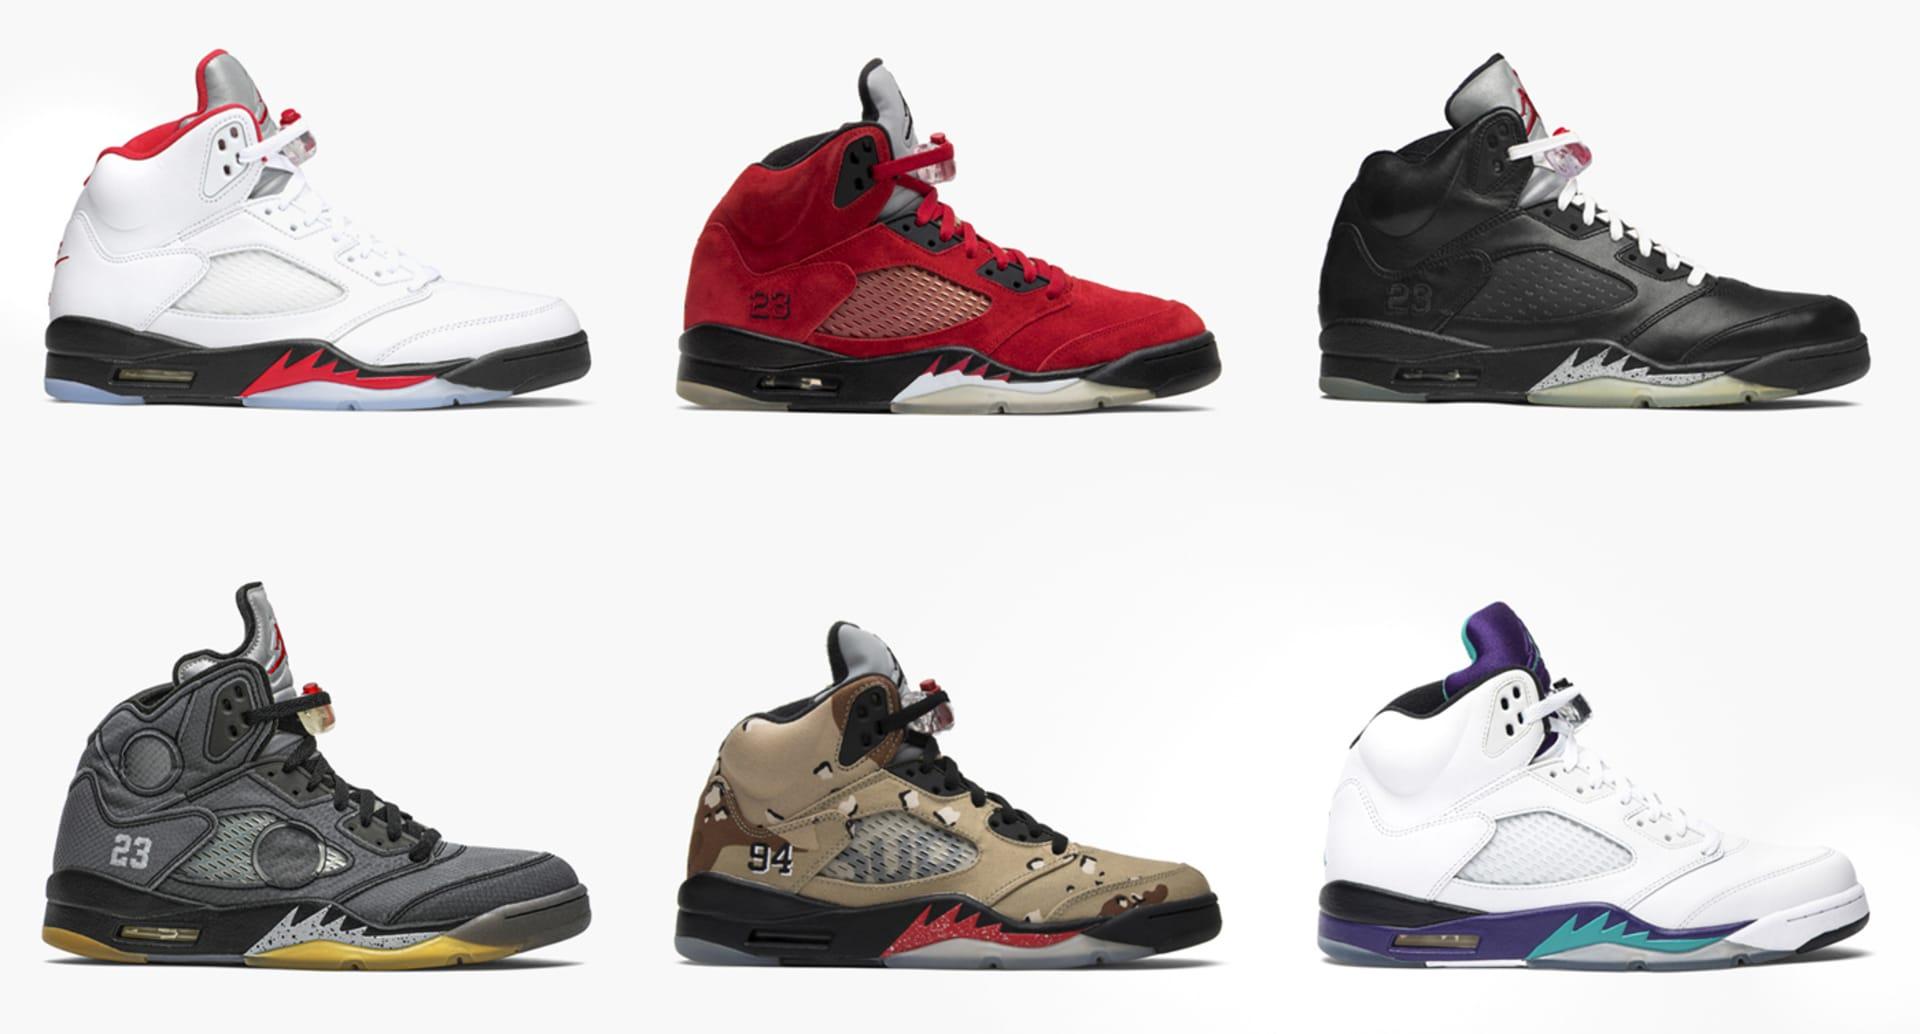 Air Jordan 5 Collection